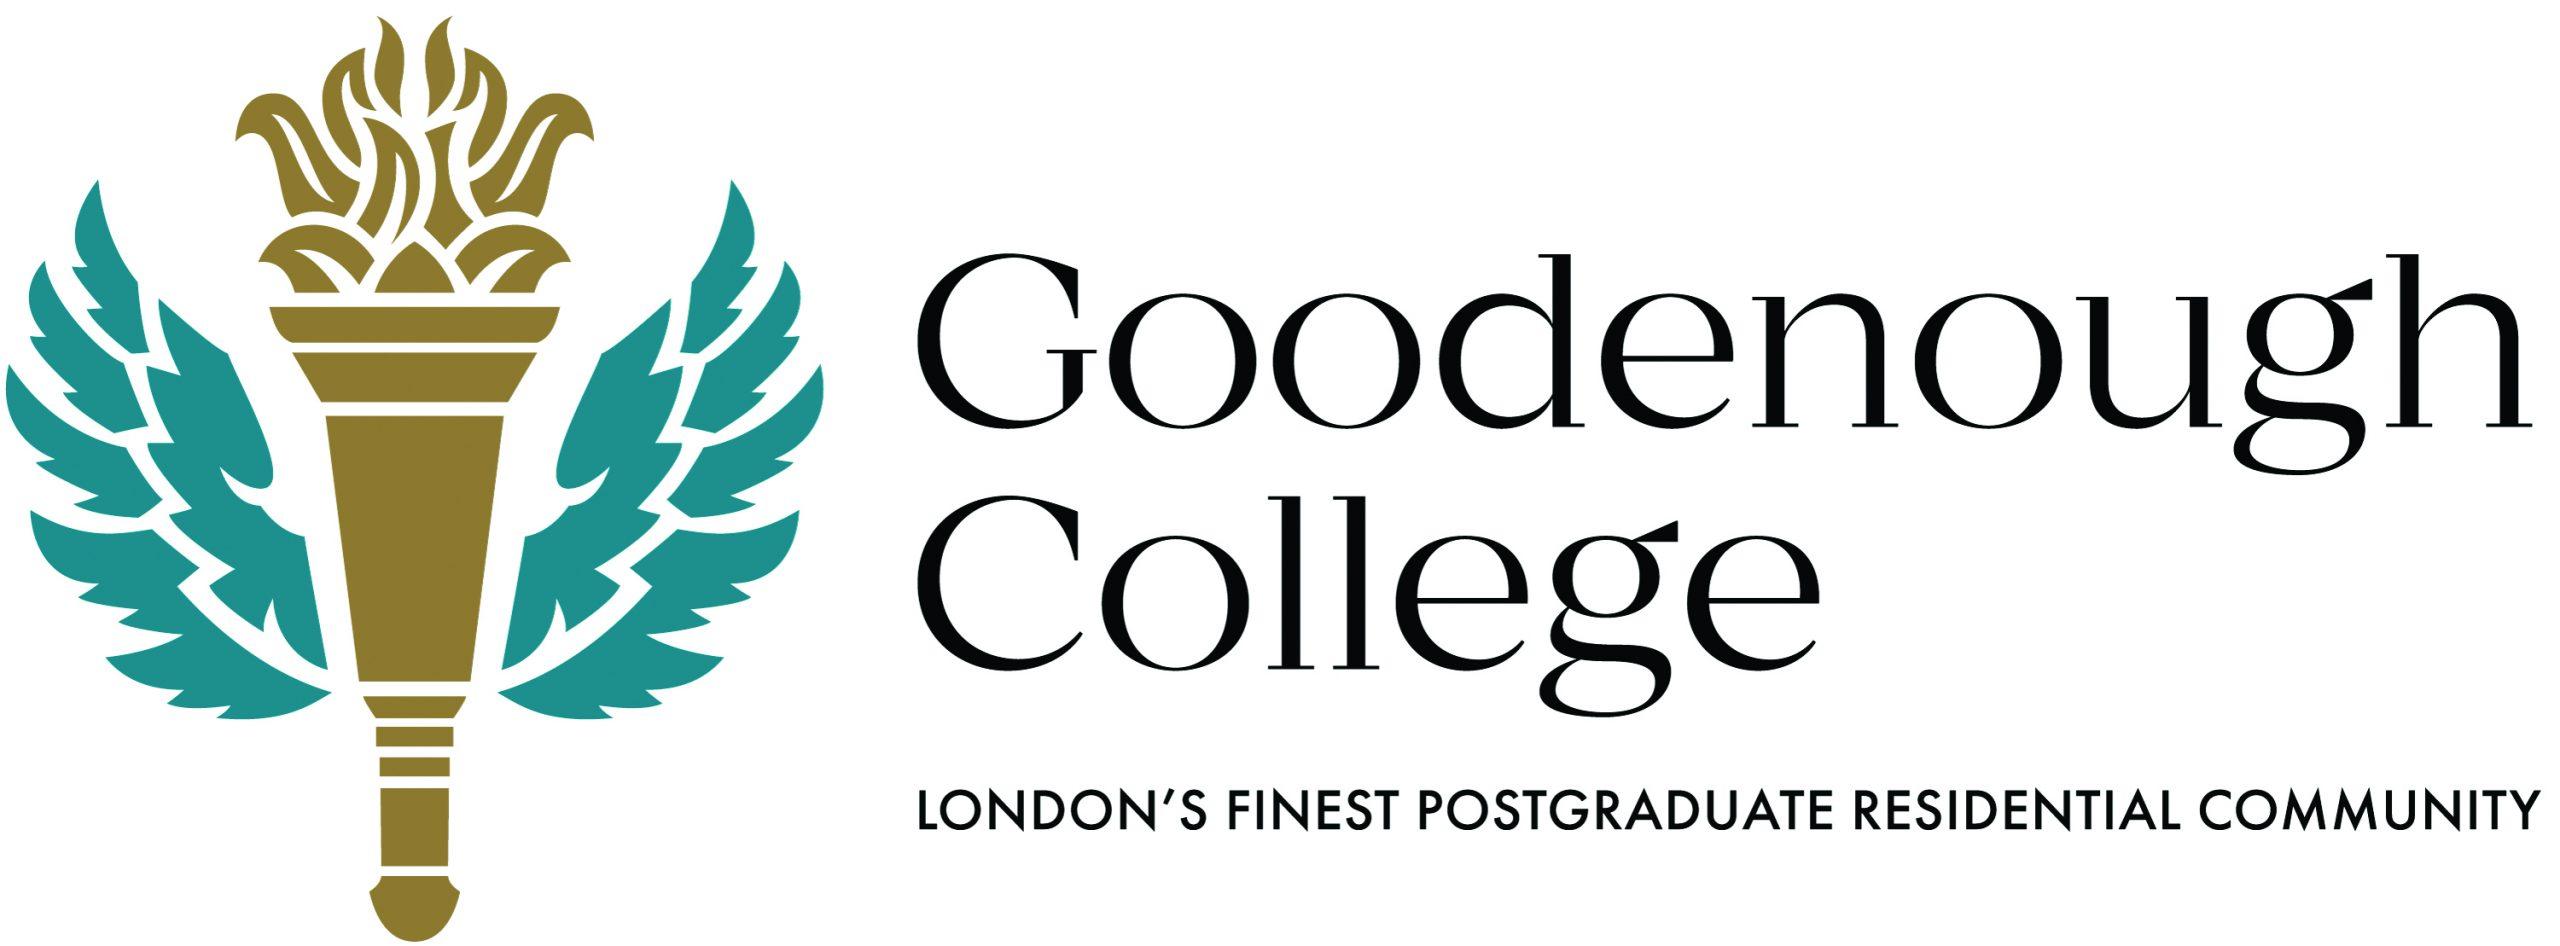 Goodenough College